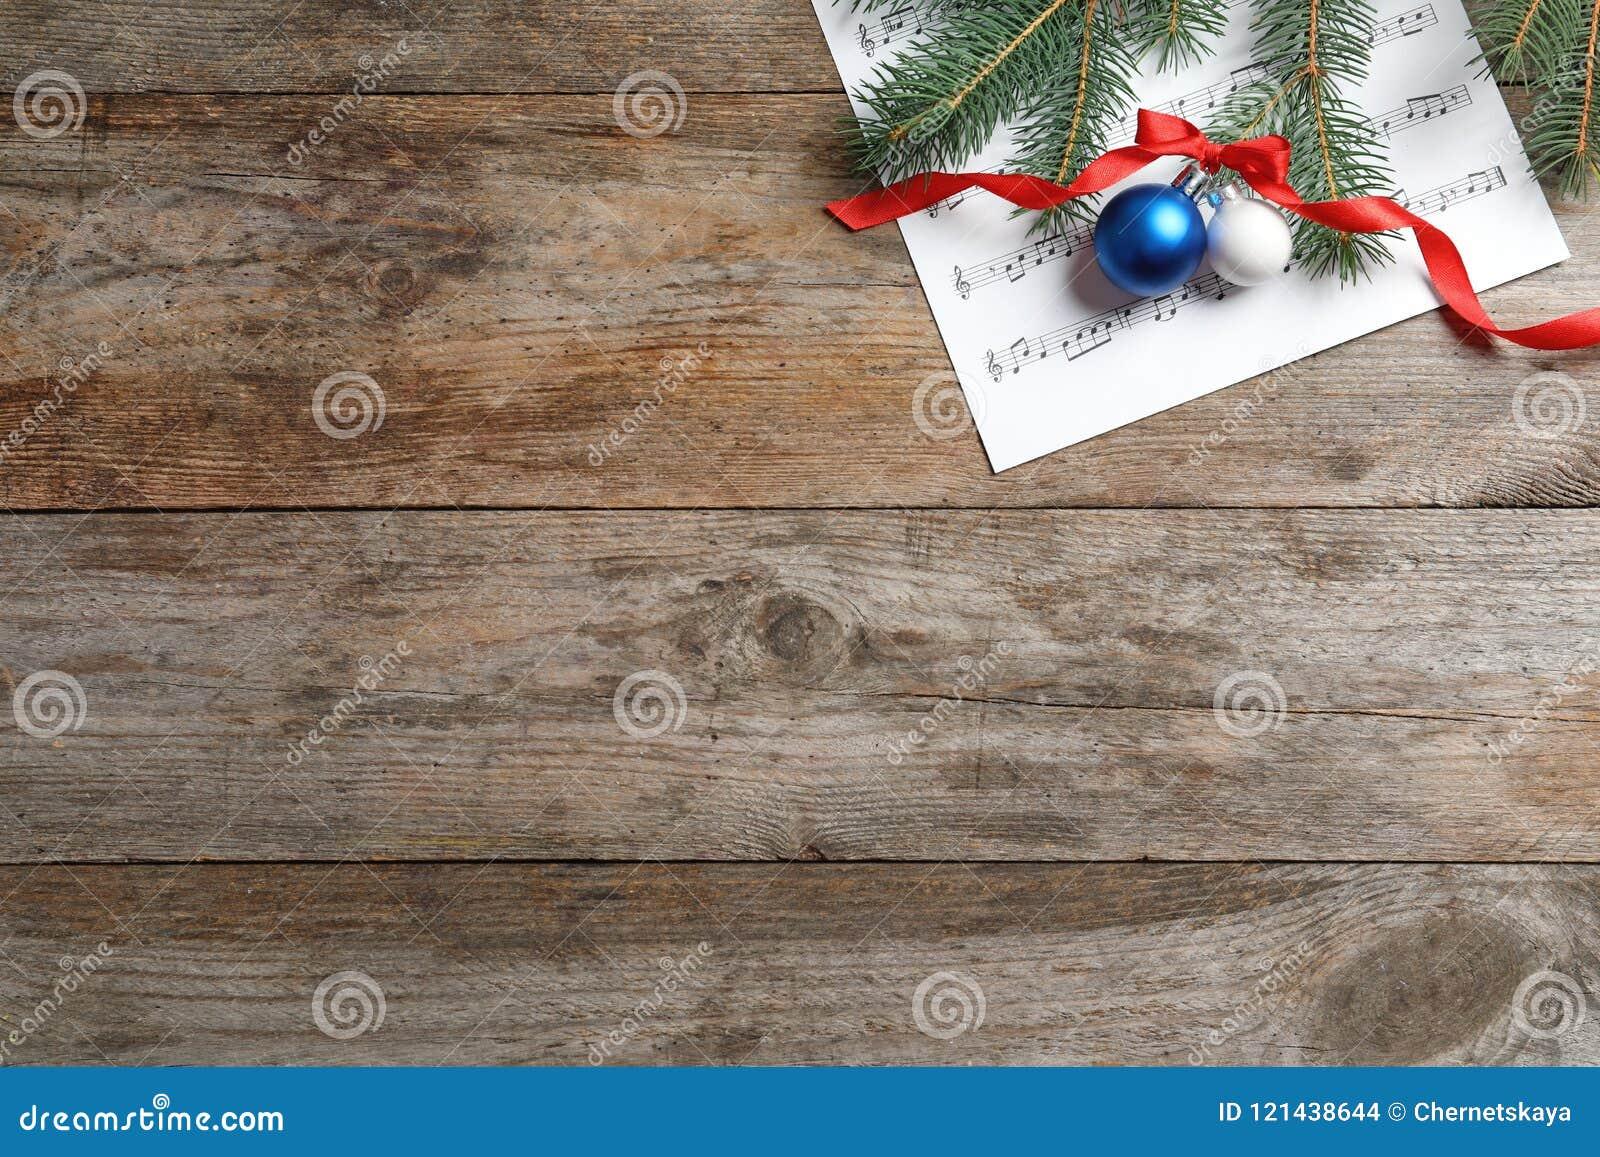 Flache Lagekomposition mit Weihnachtsdekorationen und Musikblatt